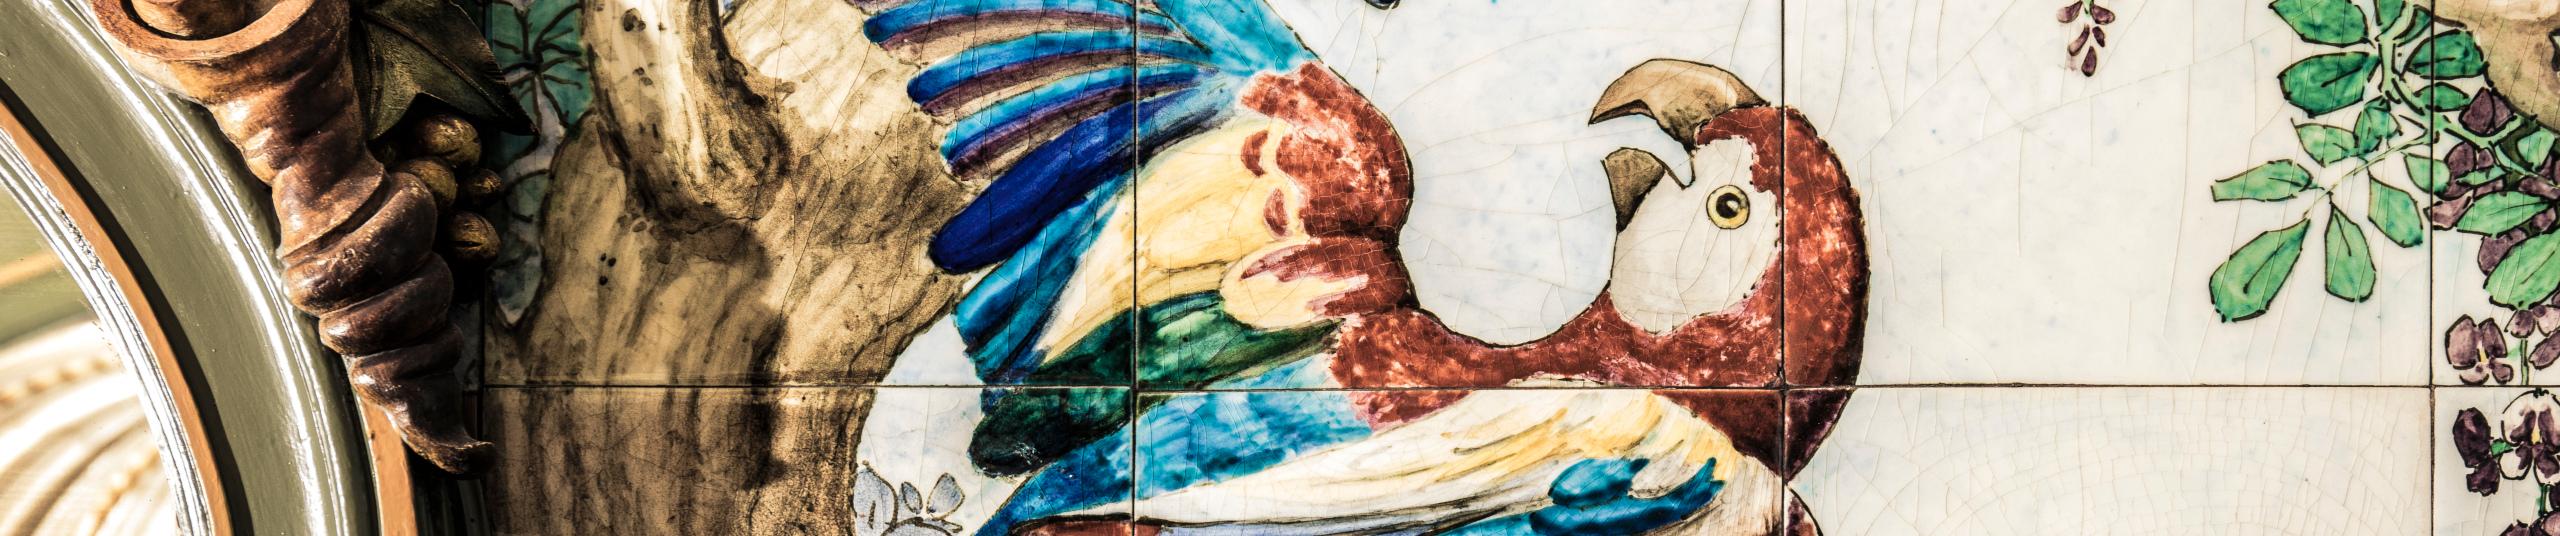 L'Île aux oiseaux-serpents : séances scolaires